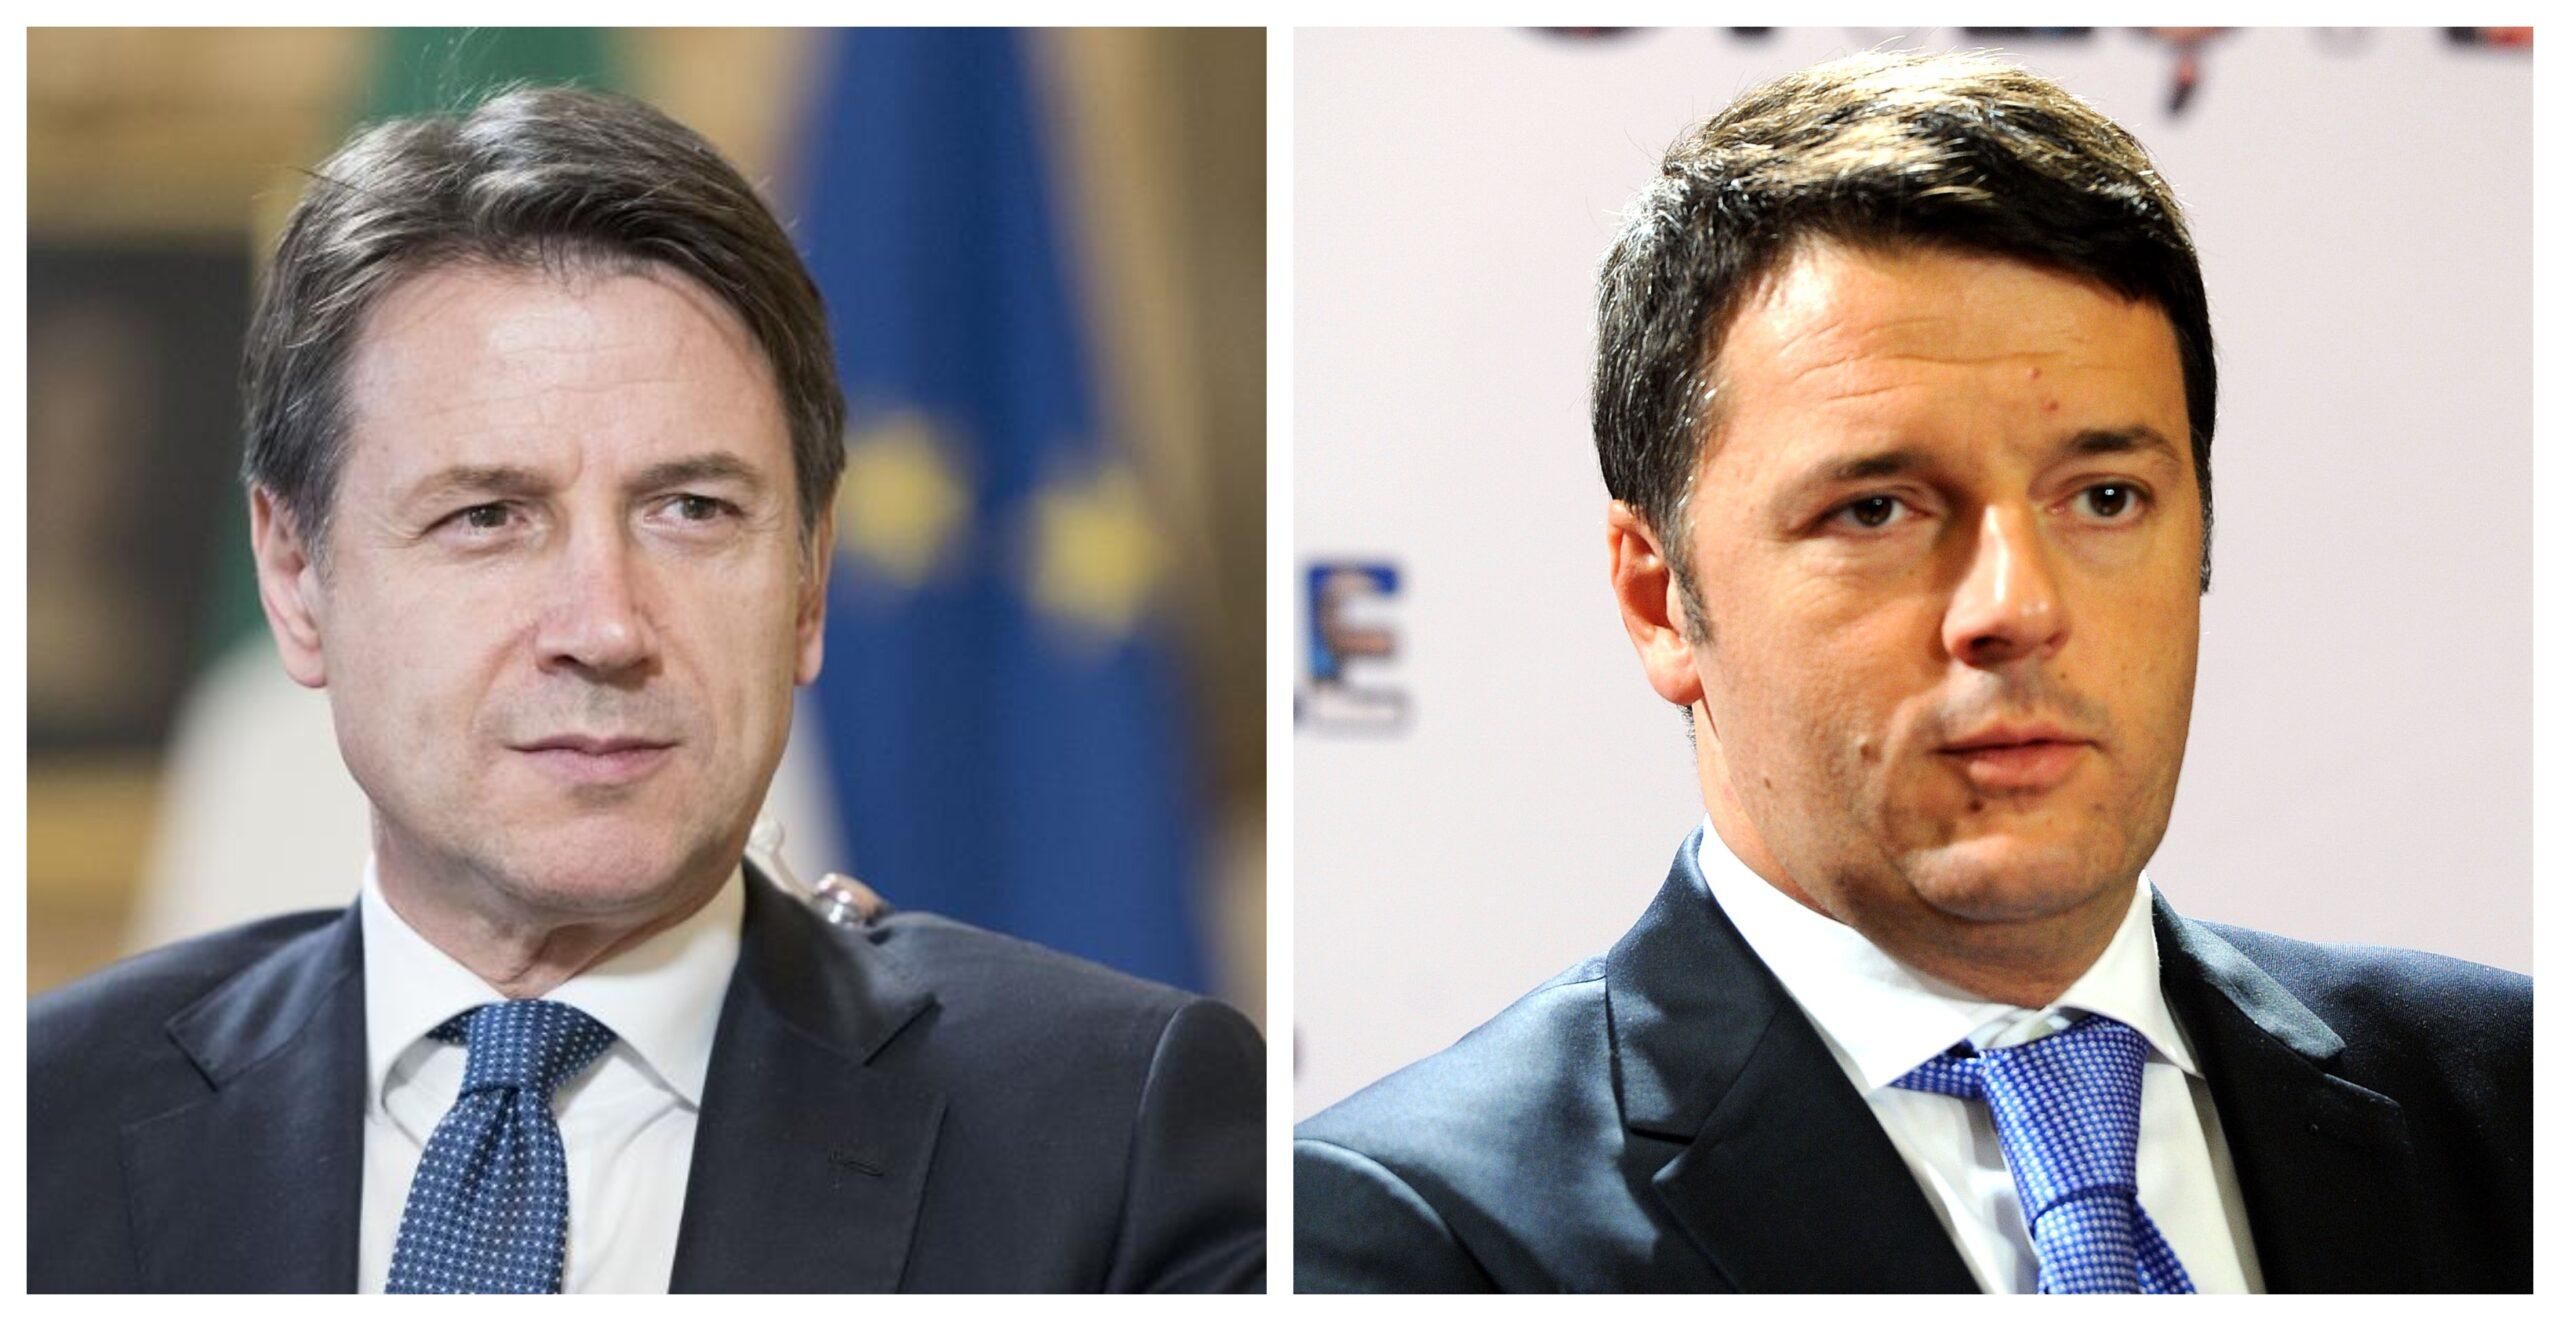 """Crisi di Governo, si dimettono le ministre Bellanova e Bonetti. Renzi in conferenza: """"La politica non è un reality show"""" – VIDEO"""